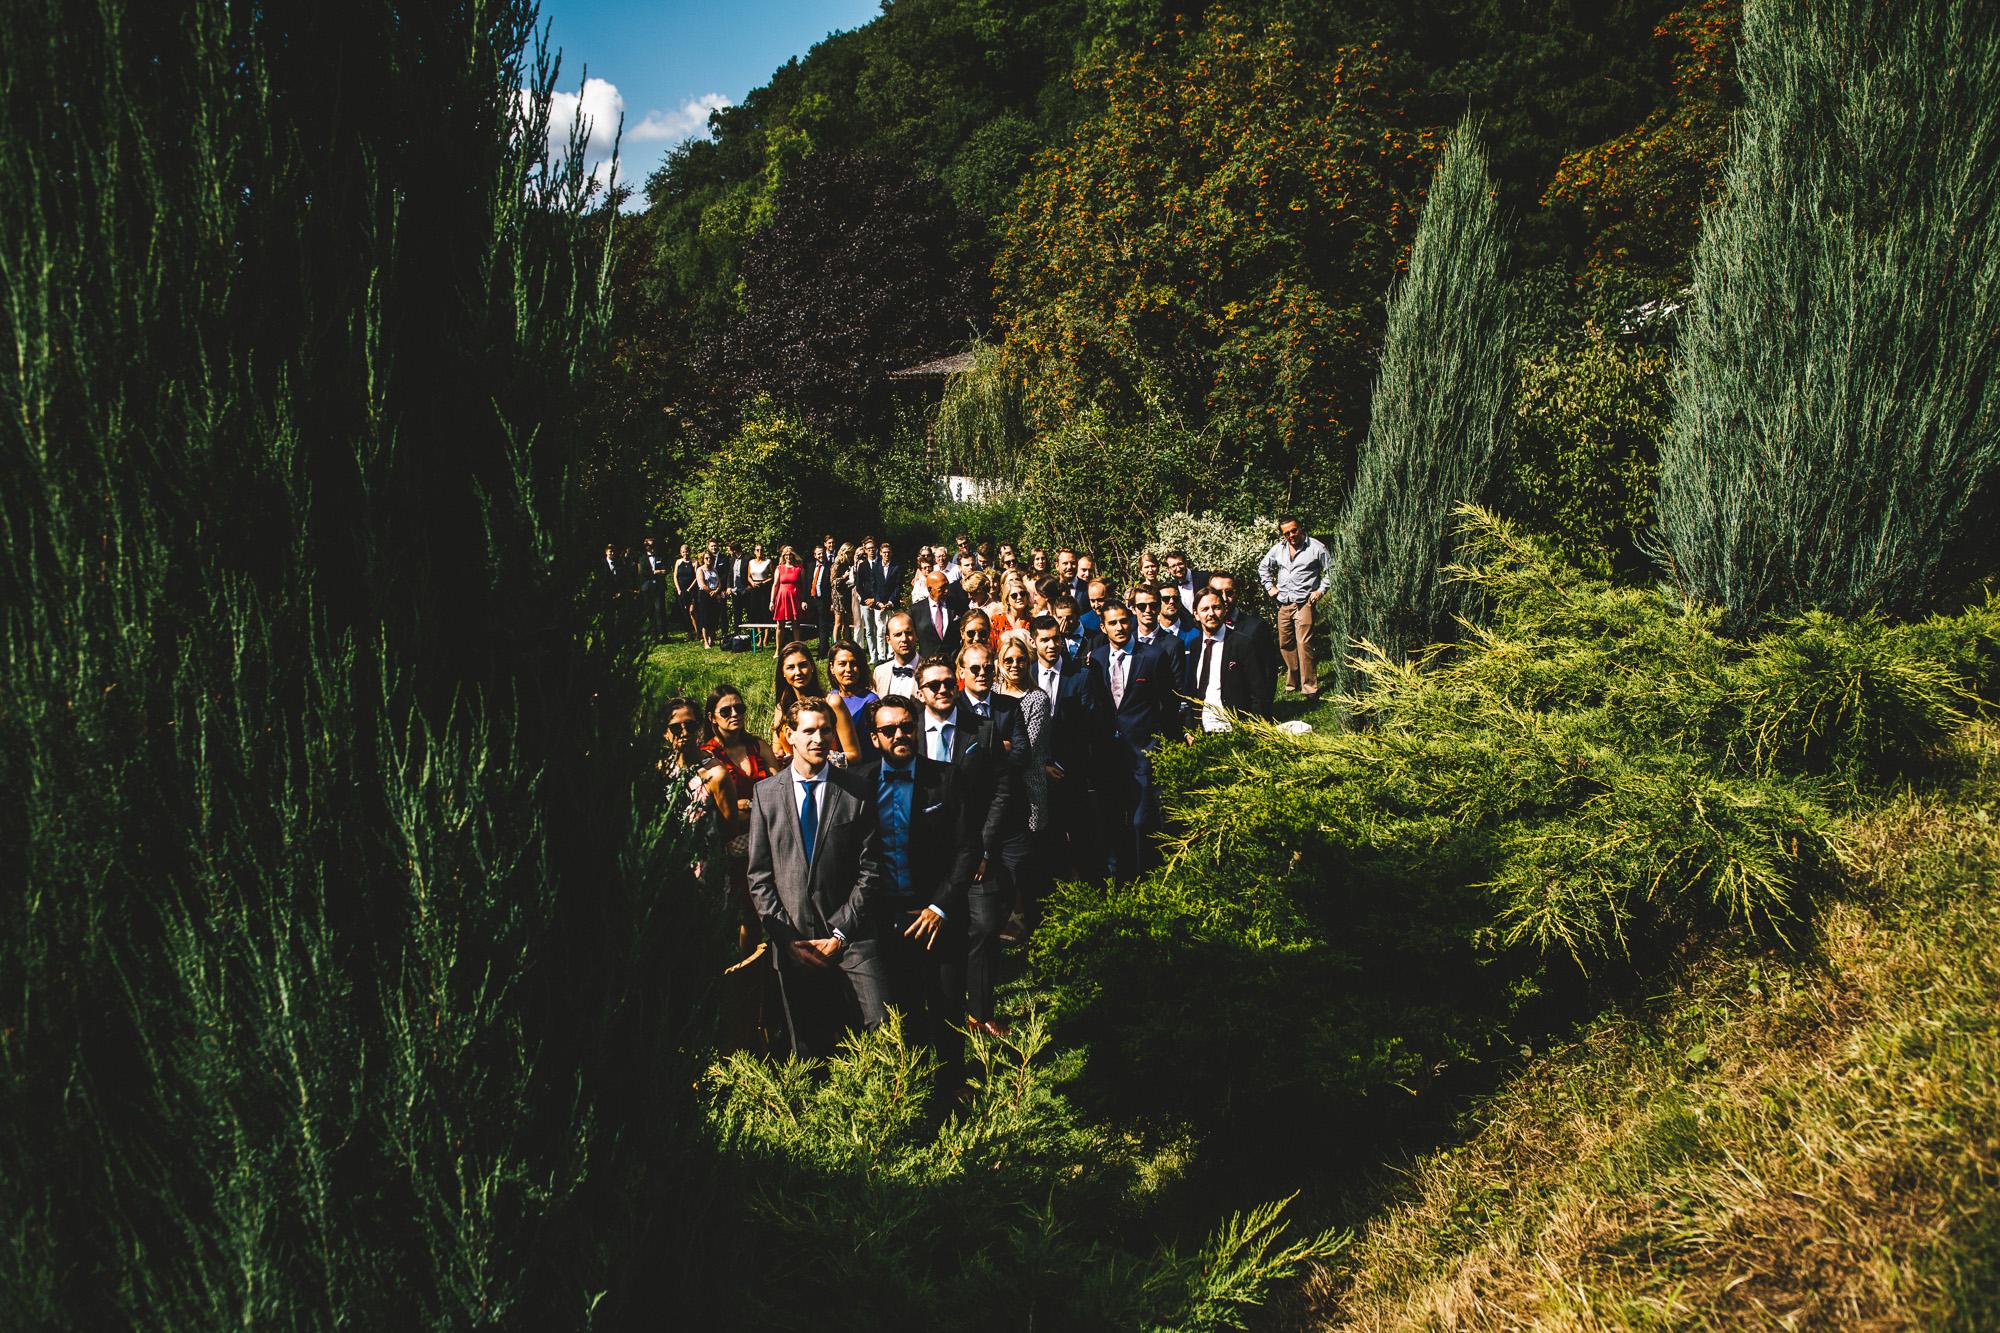 Hochzeit Hofgut Hohenstein 19 - Hofgut Hohenstein